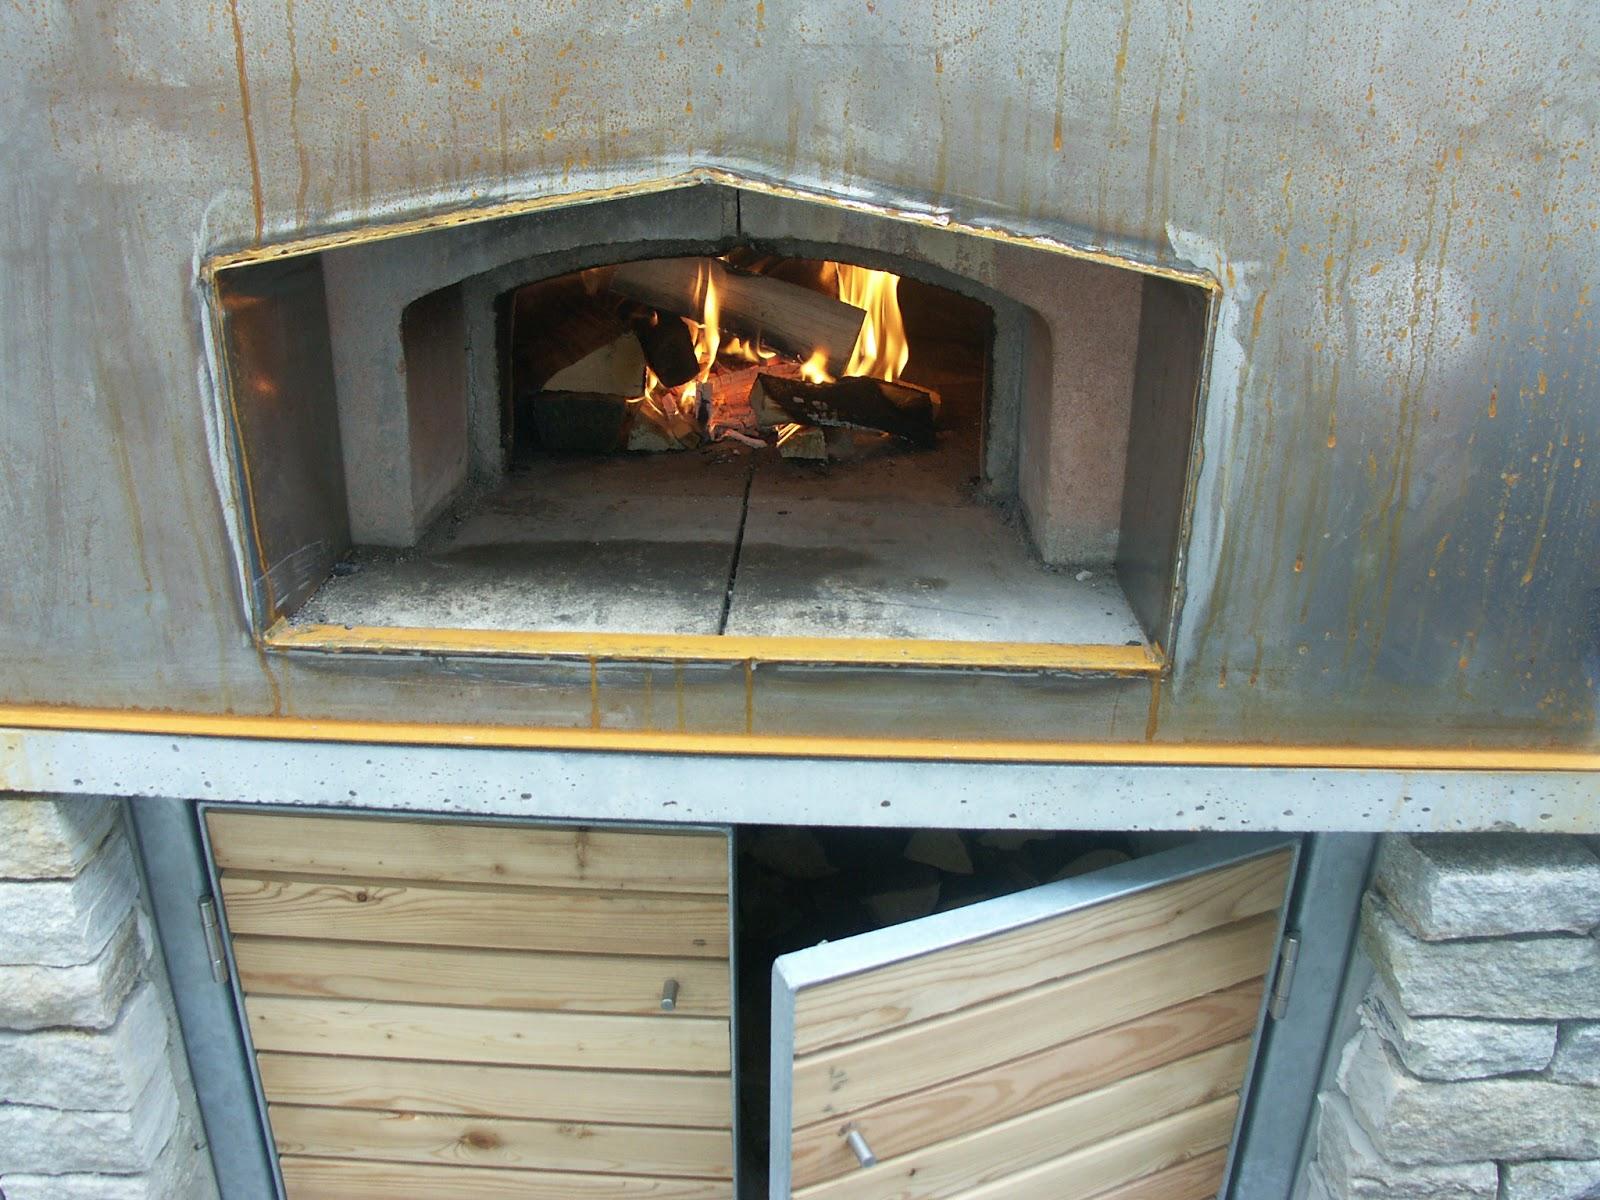 Außenküche Mit Pizzaofen : Außenküche mit pizzaofen: außenküche selber bauen u beispiele für